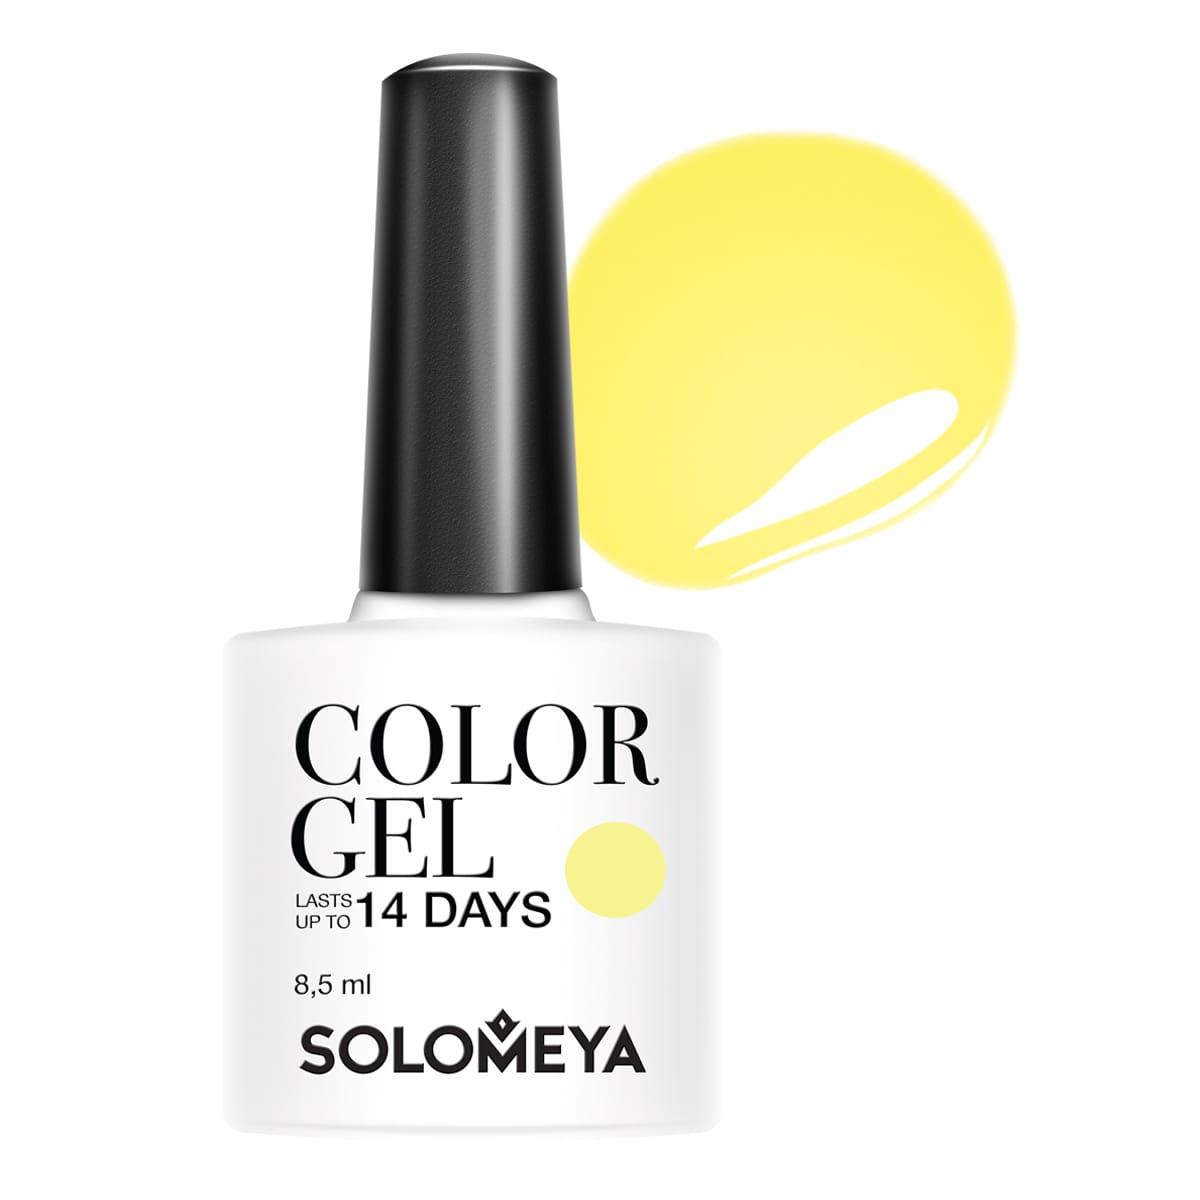 SOLOMEYA Гель-лак для ногтей SCGY016 Cтрелиция / Color Gel Strelitzia 8,5 мл